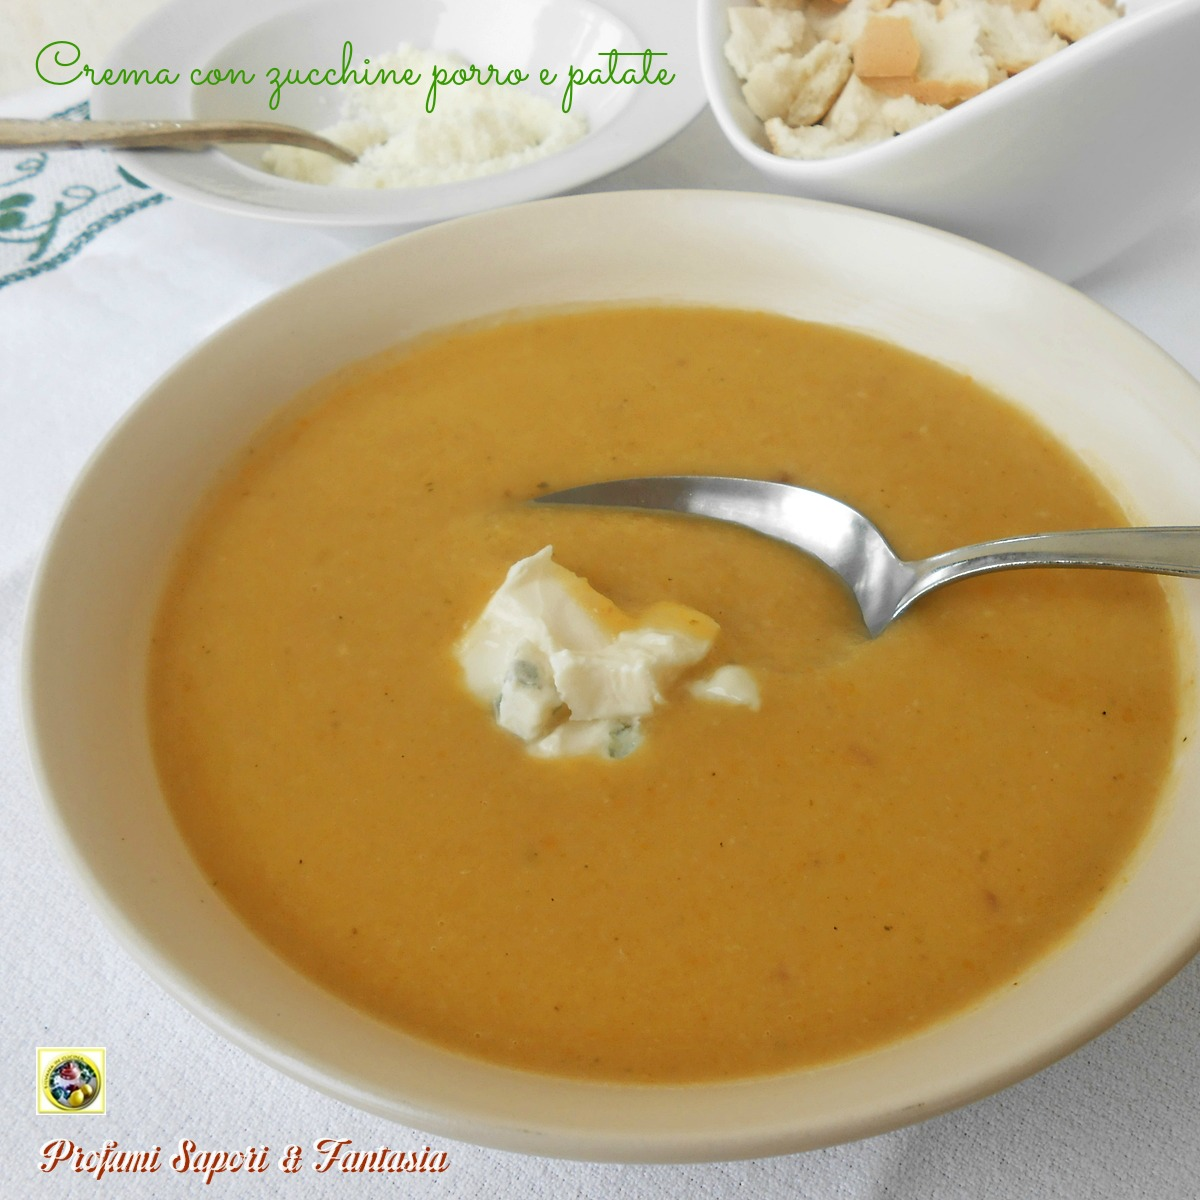 Crema di zucchine con porro e patate